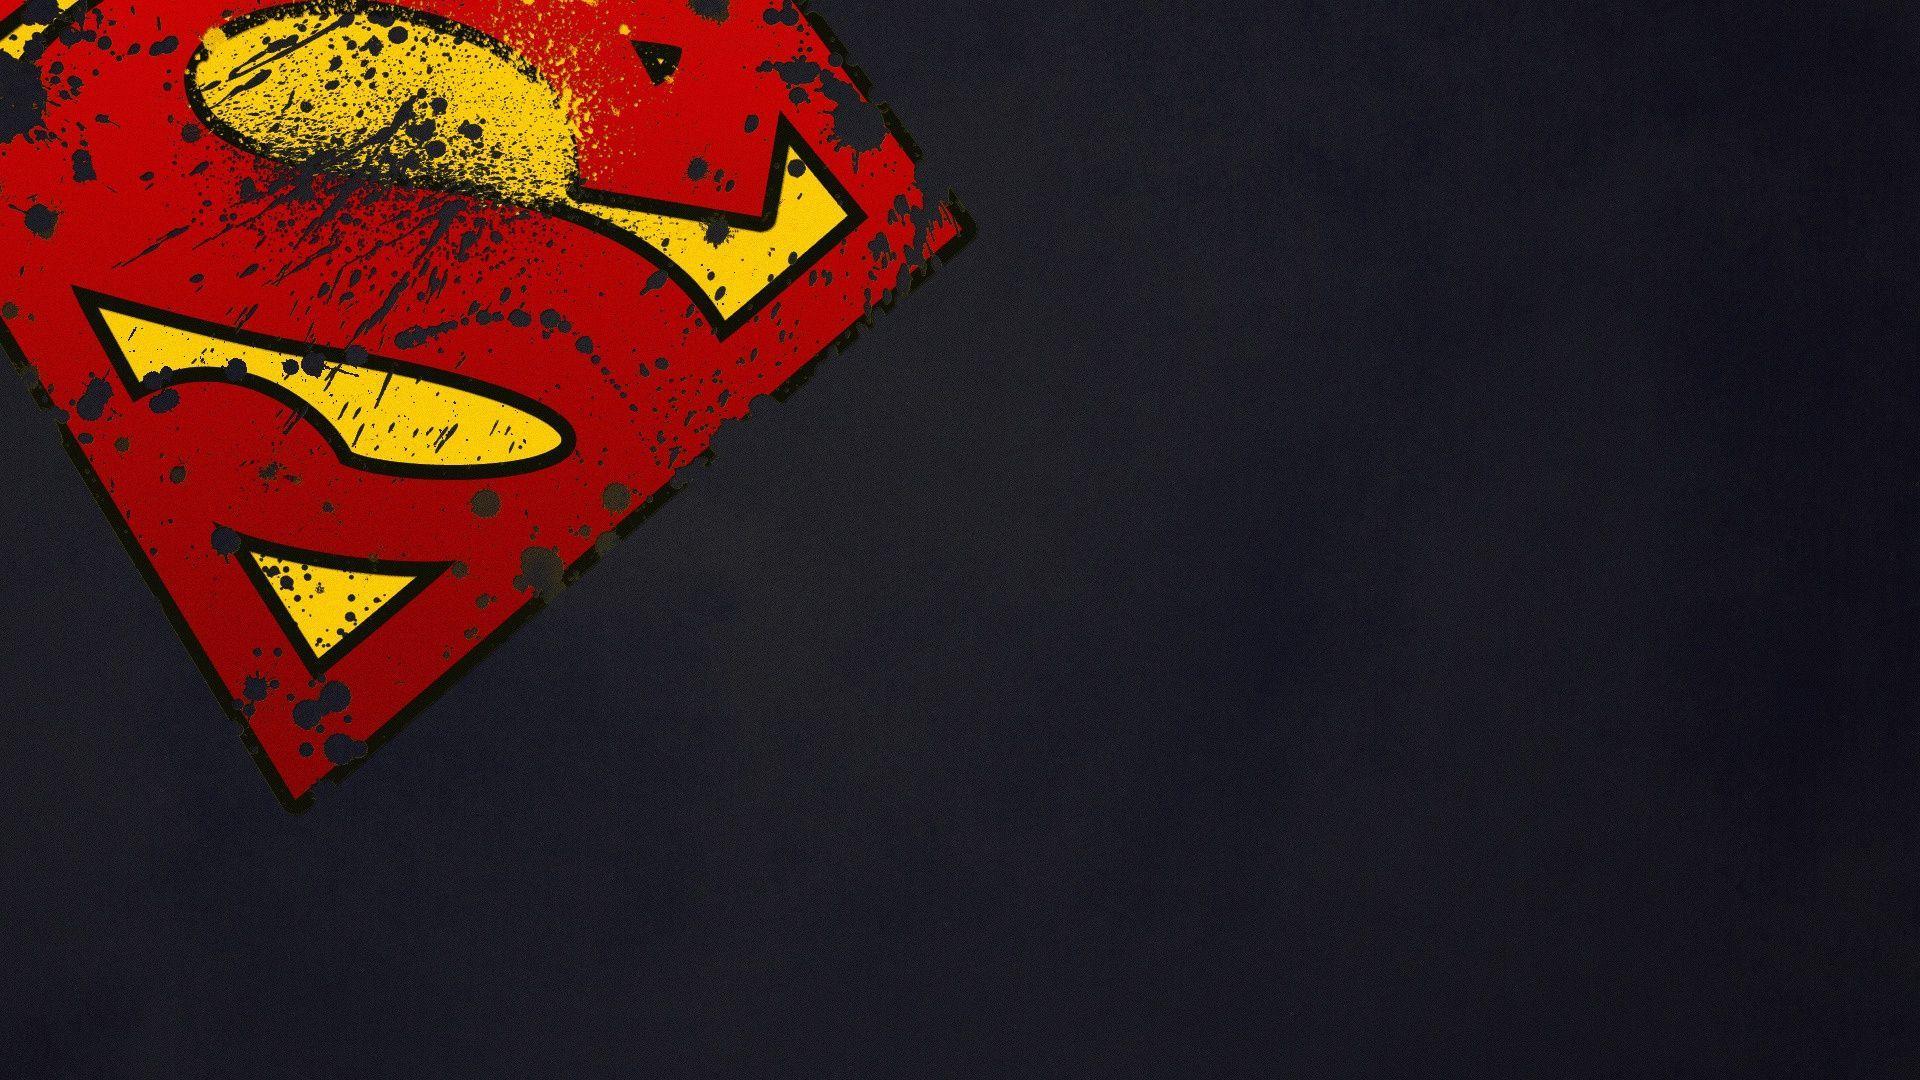 1920x1080 Hình nền siêu anh hùng, Hình nền màn hình rộng của siêu anh hùng, WP HKV 414